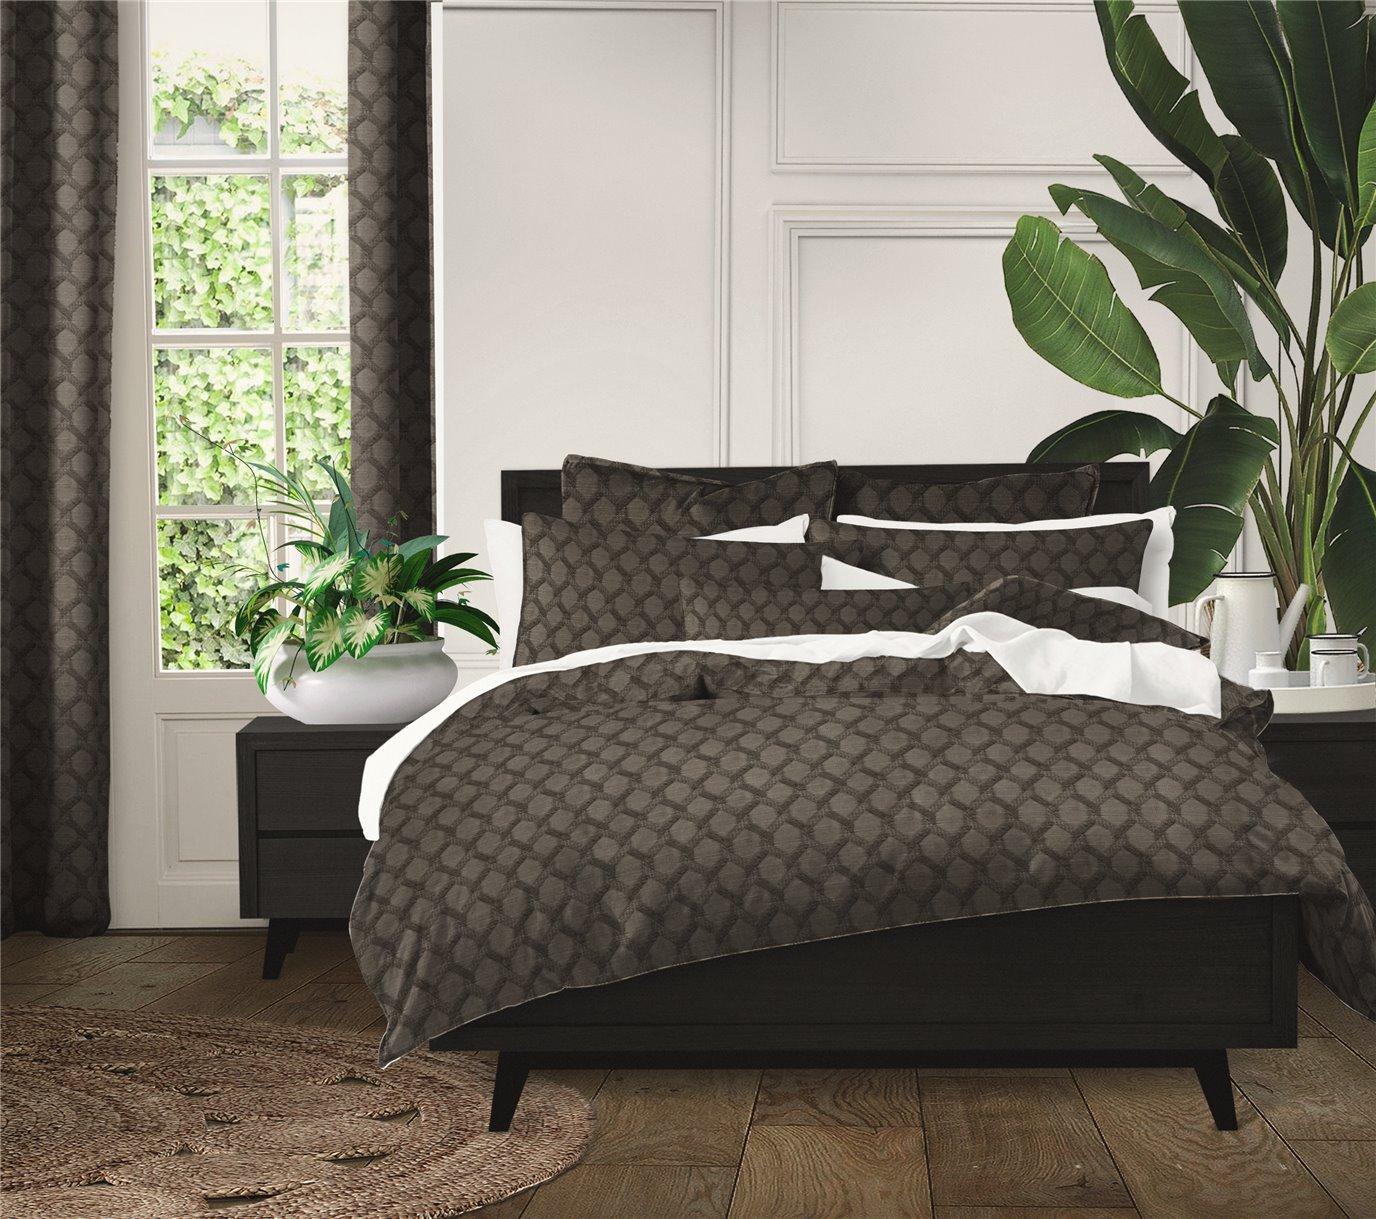 Malden Charcoal Comforter Set - King